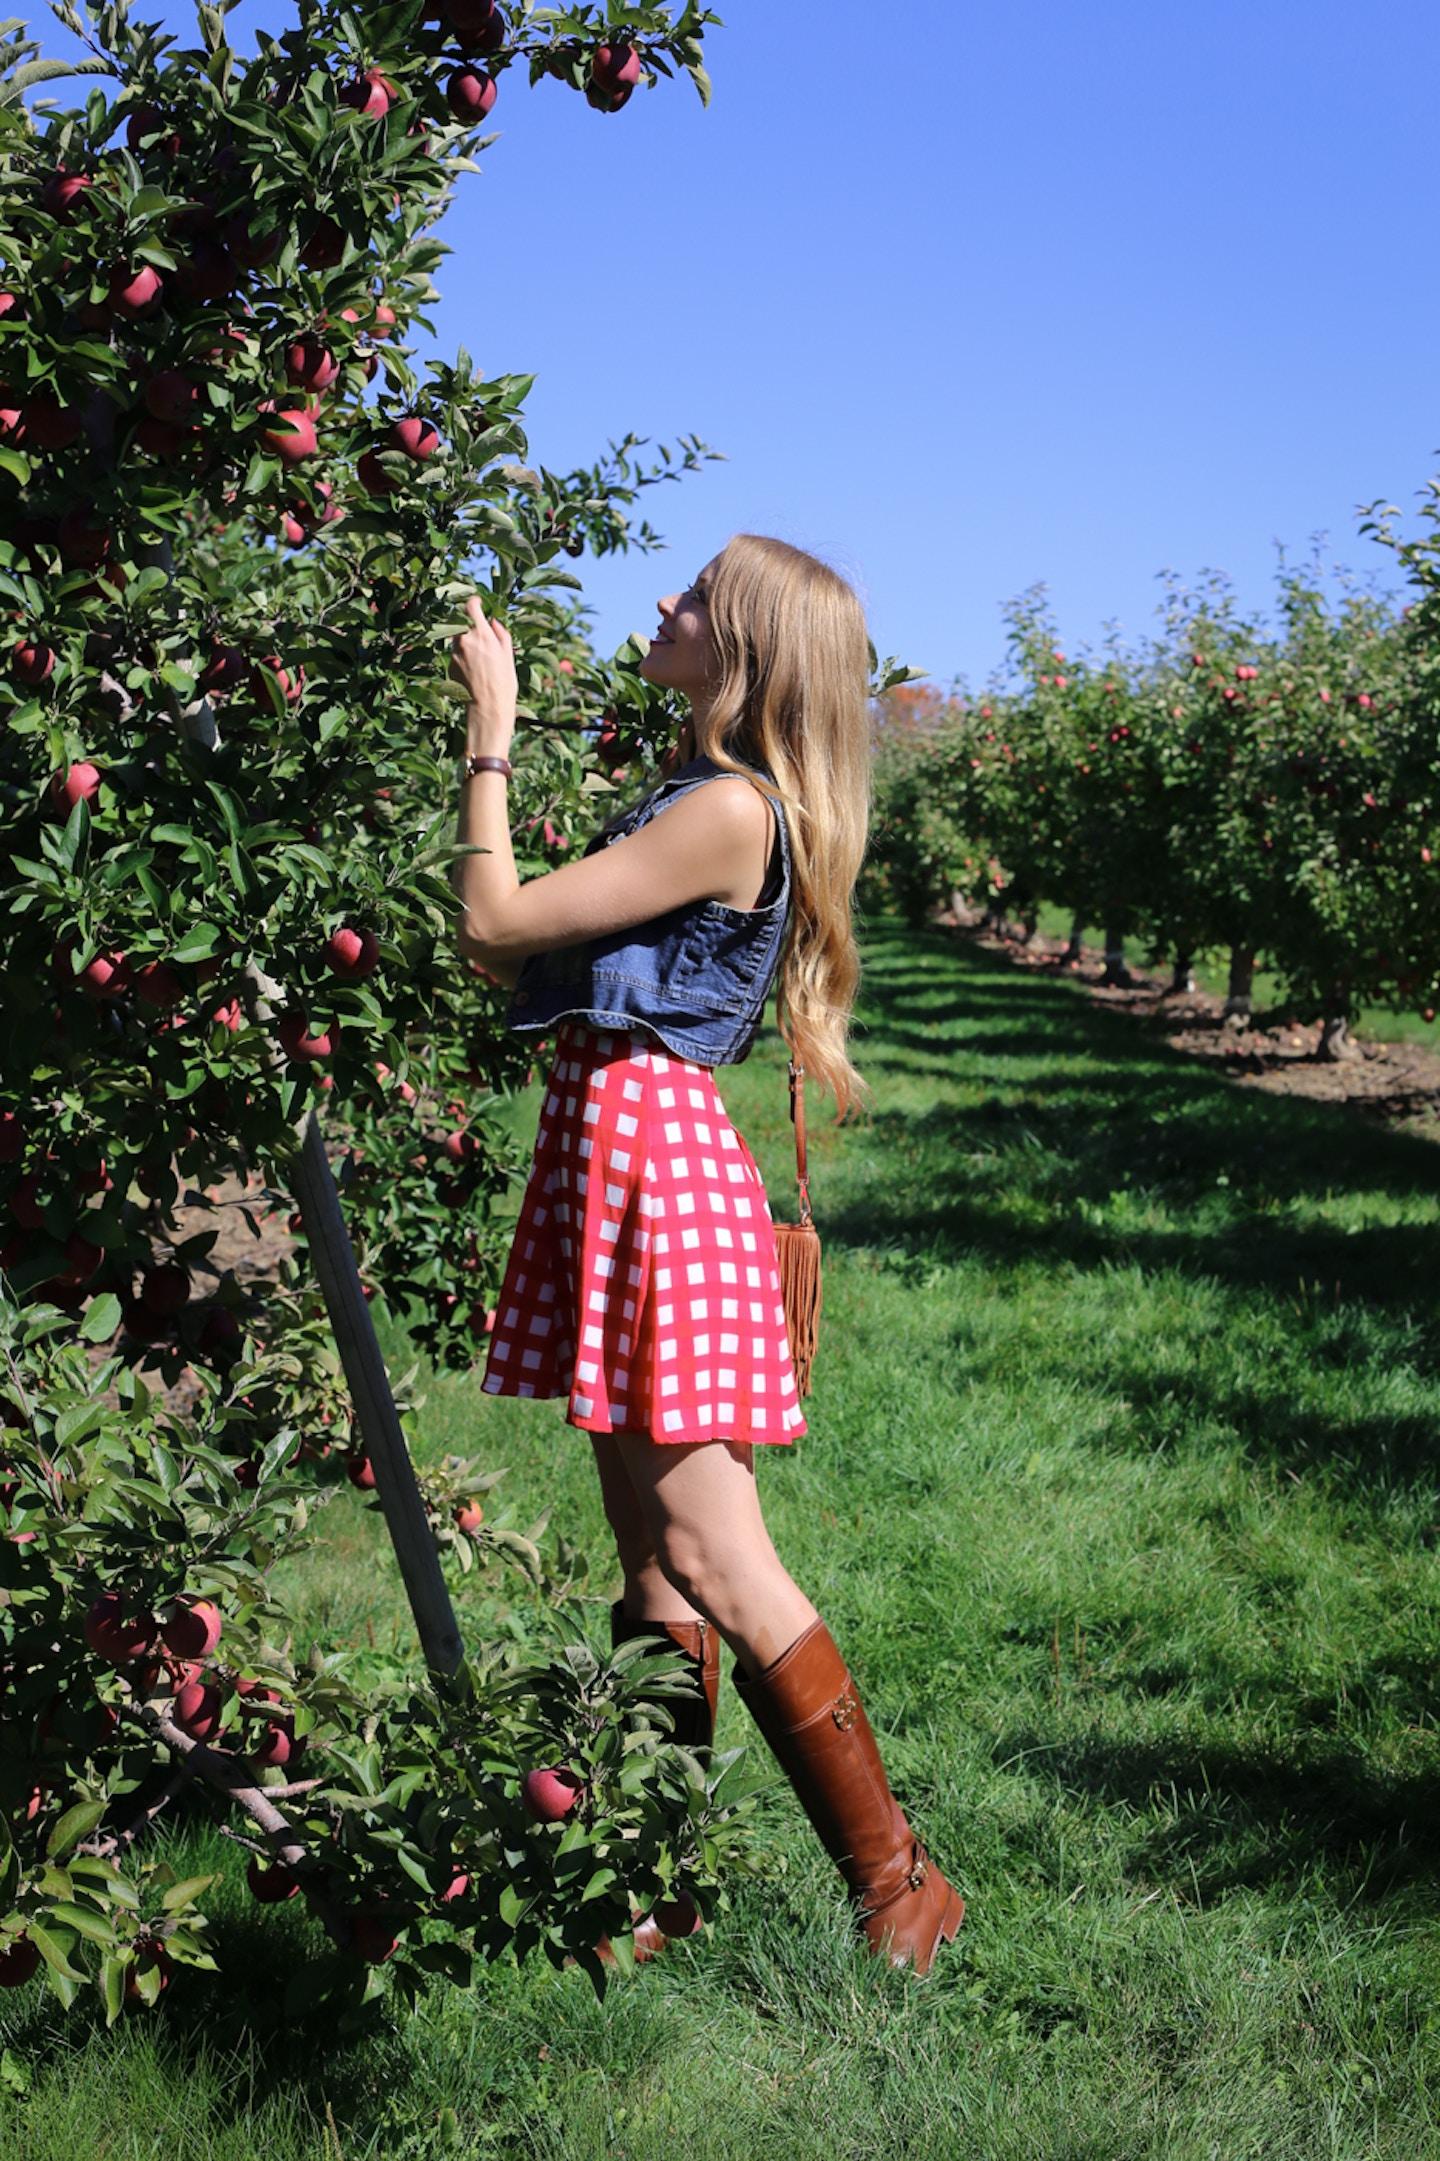 Apple Picking in Toronto